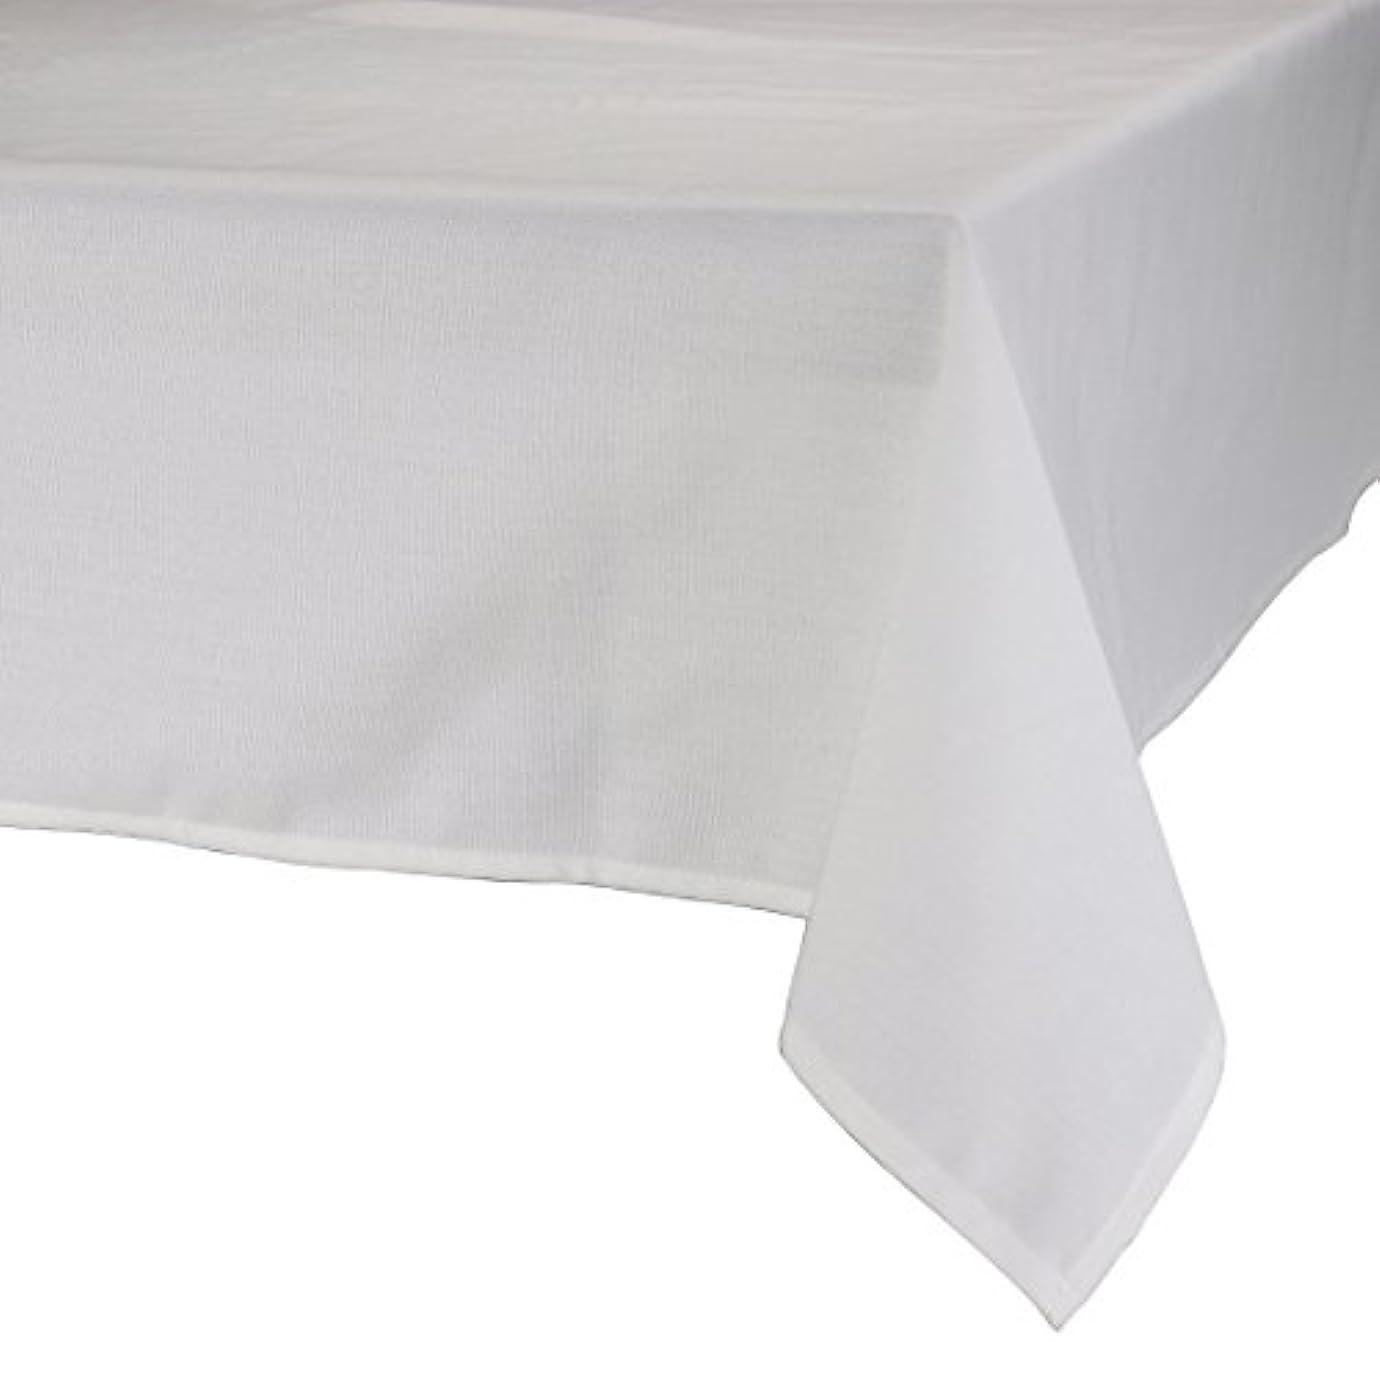 イチゴデマンド持参MAJEST(マジェスト) テーブルクロス 長方形180cmx280cm 布地 ホワイト 無地 繋なし 吸水タイプ